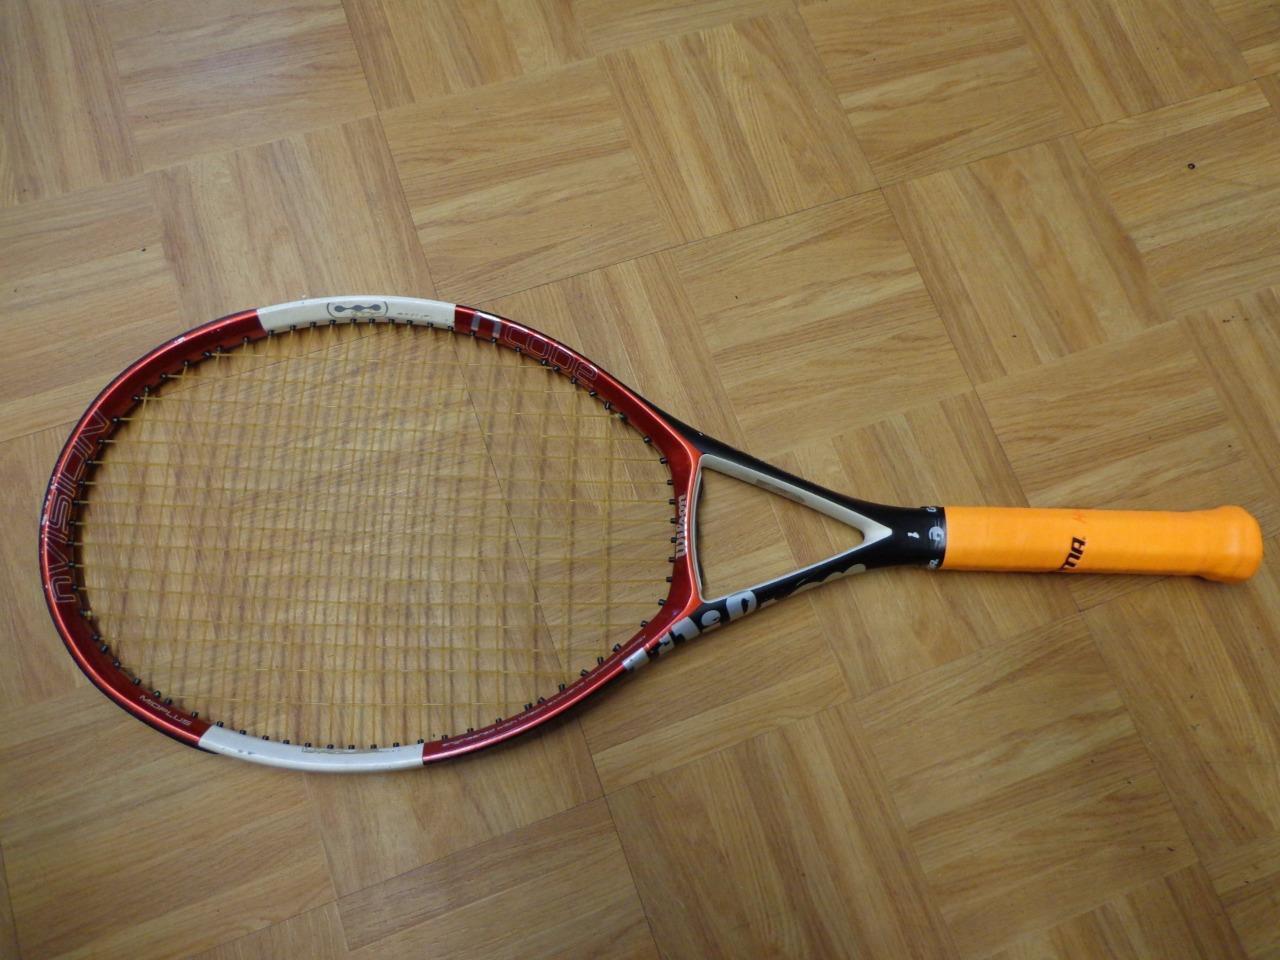 Wilson N Code Nvision 103 Head 4 1 2 grip raquette de tennis